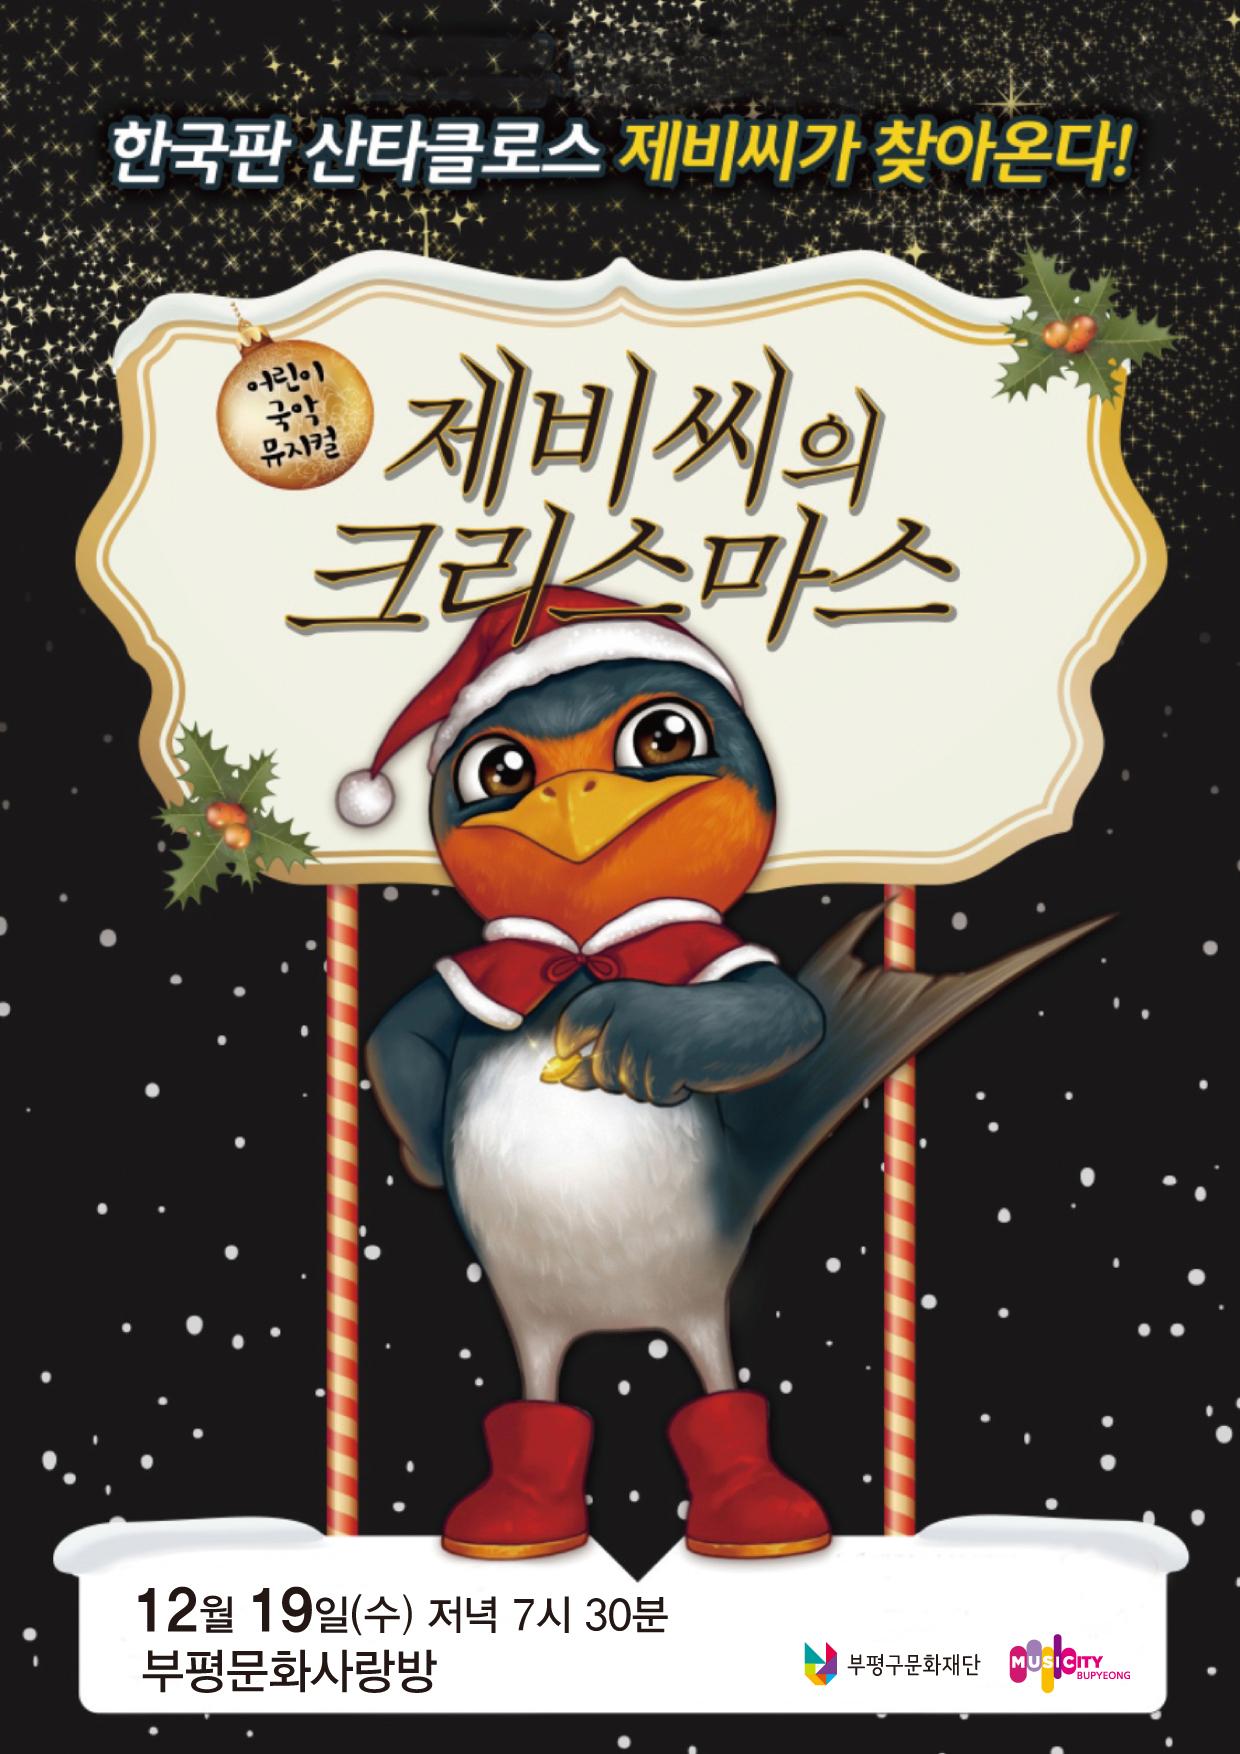 어린이 국악 뮤지컬 <제비씨의 크리스마스> 이미지